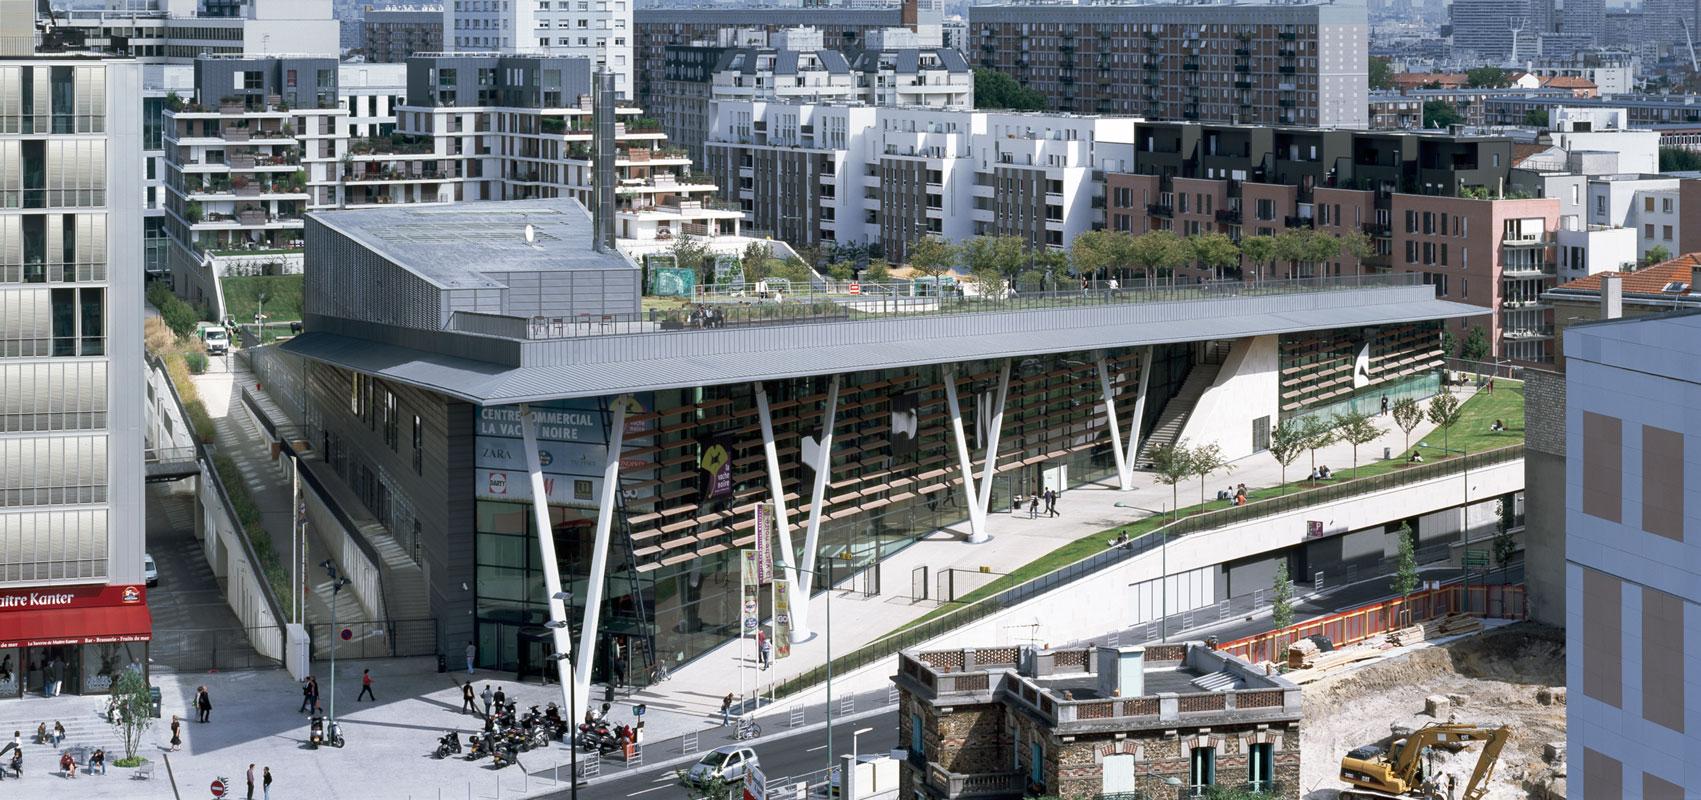 Architectes : Groupe-6 La vache noire.